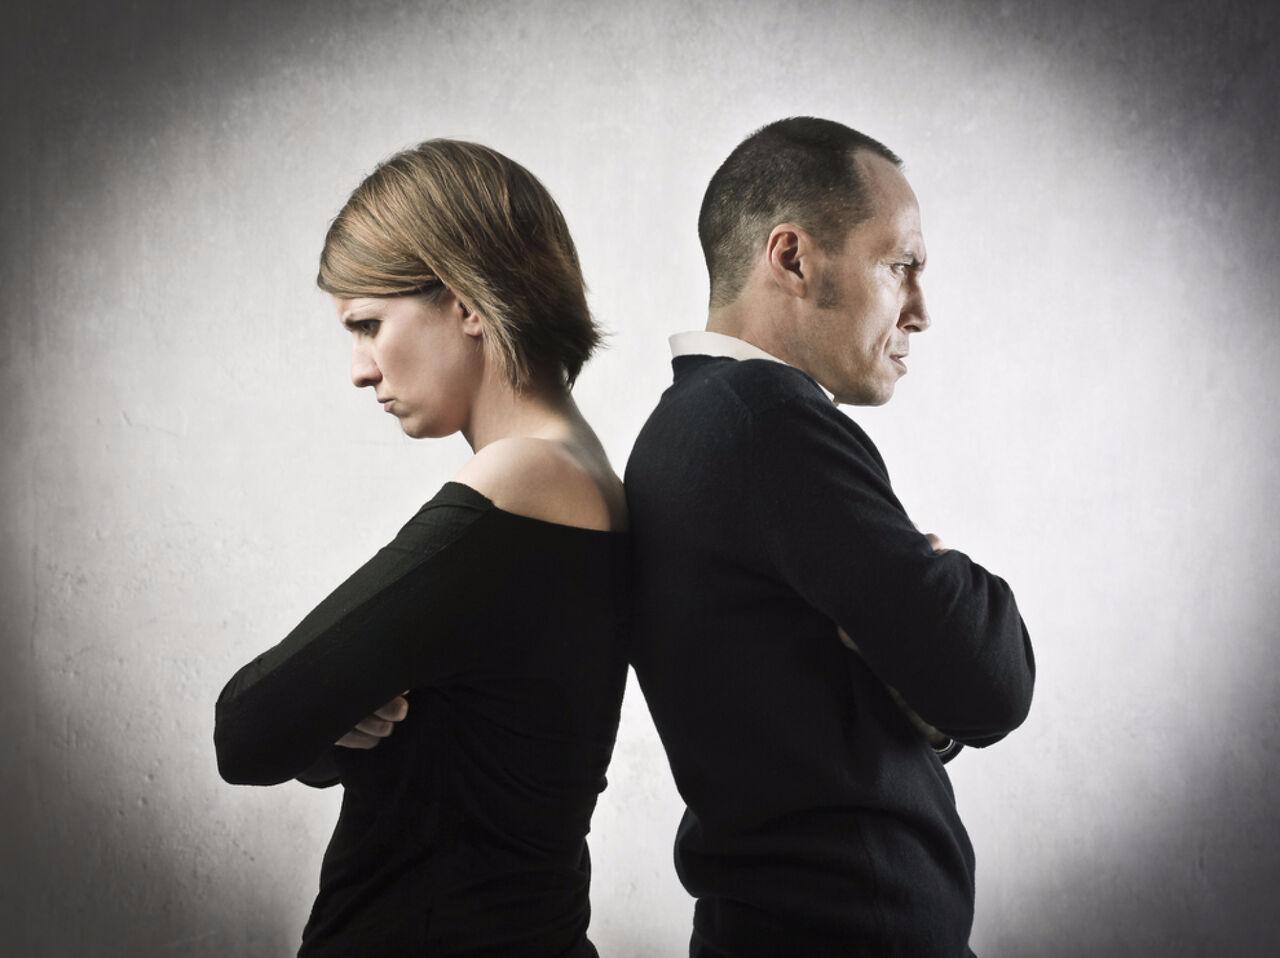 Ученые назвали три причины недоверия кокружающим